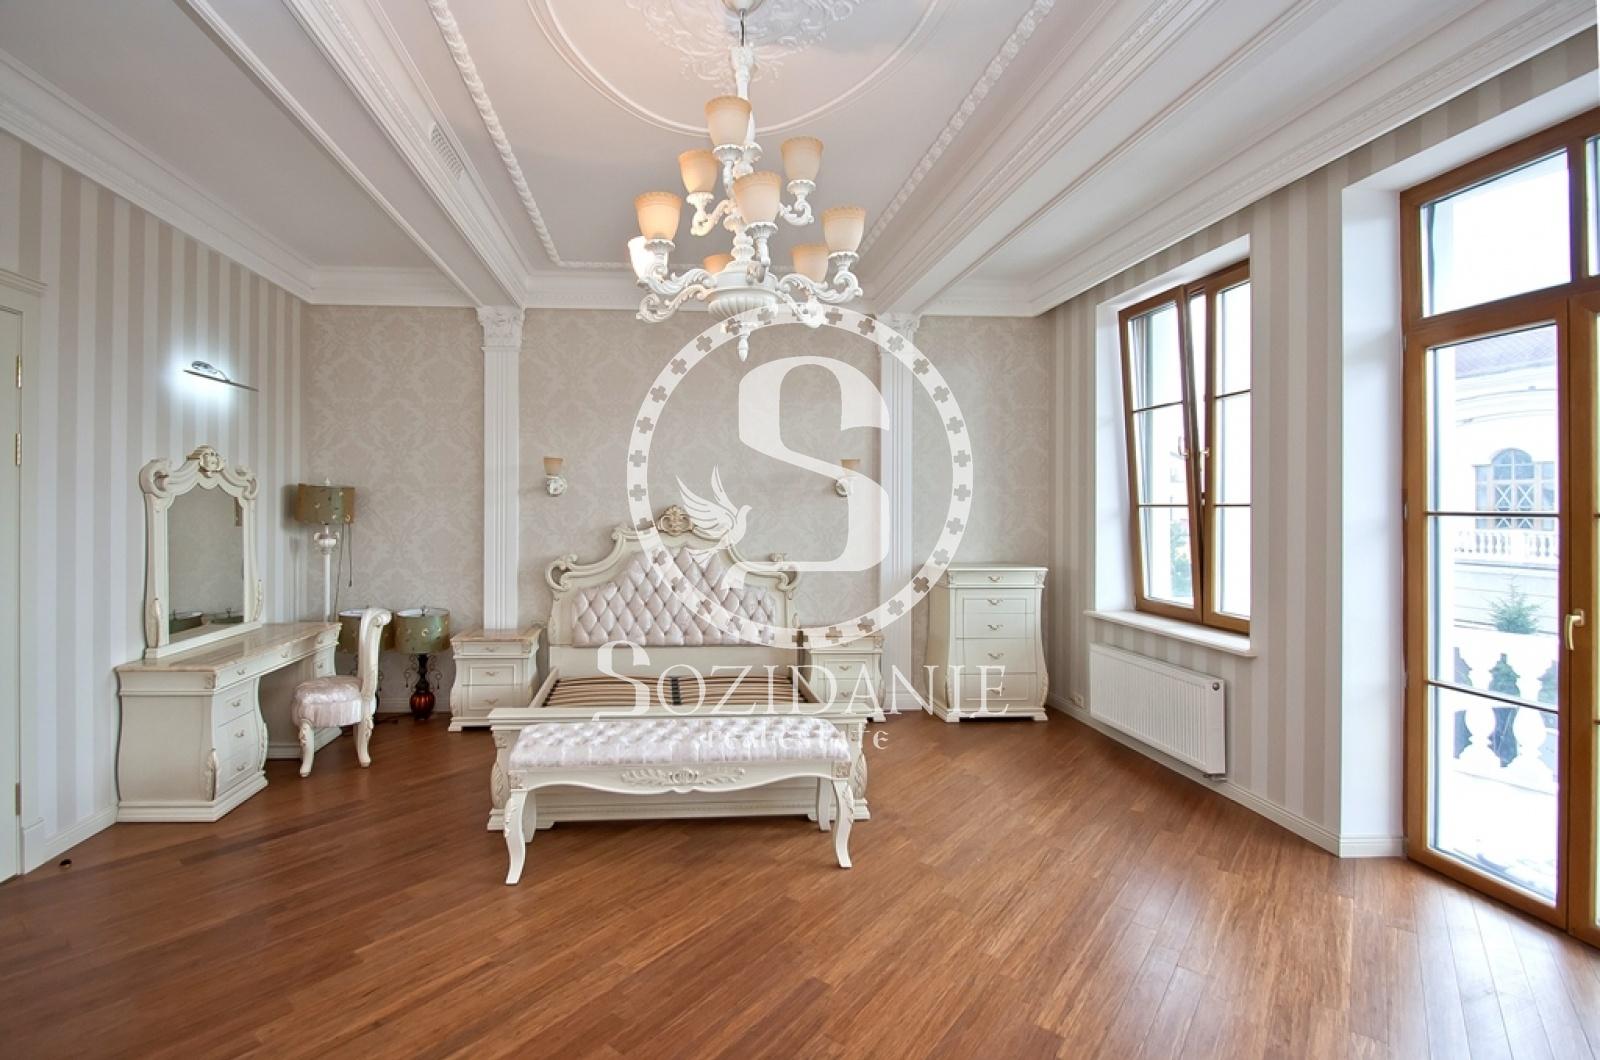 5 Bedrooms, Загородная, Продажа, Listing ID 1347, Московская область, Россия,